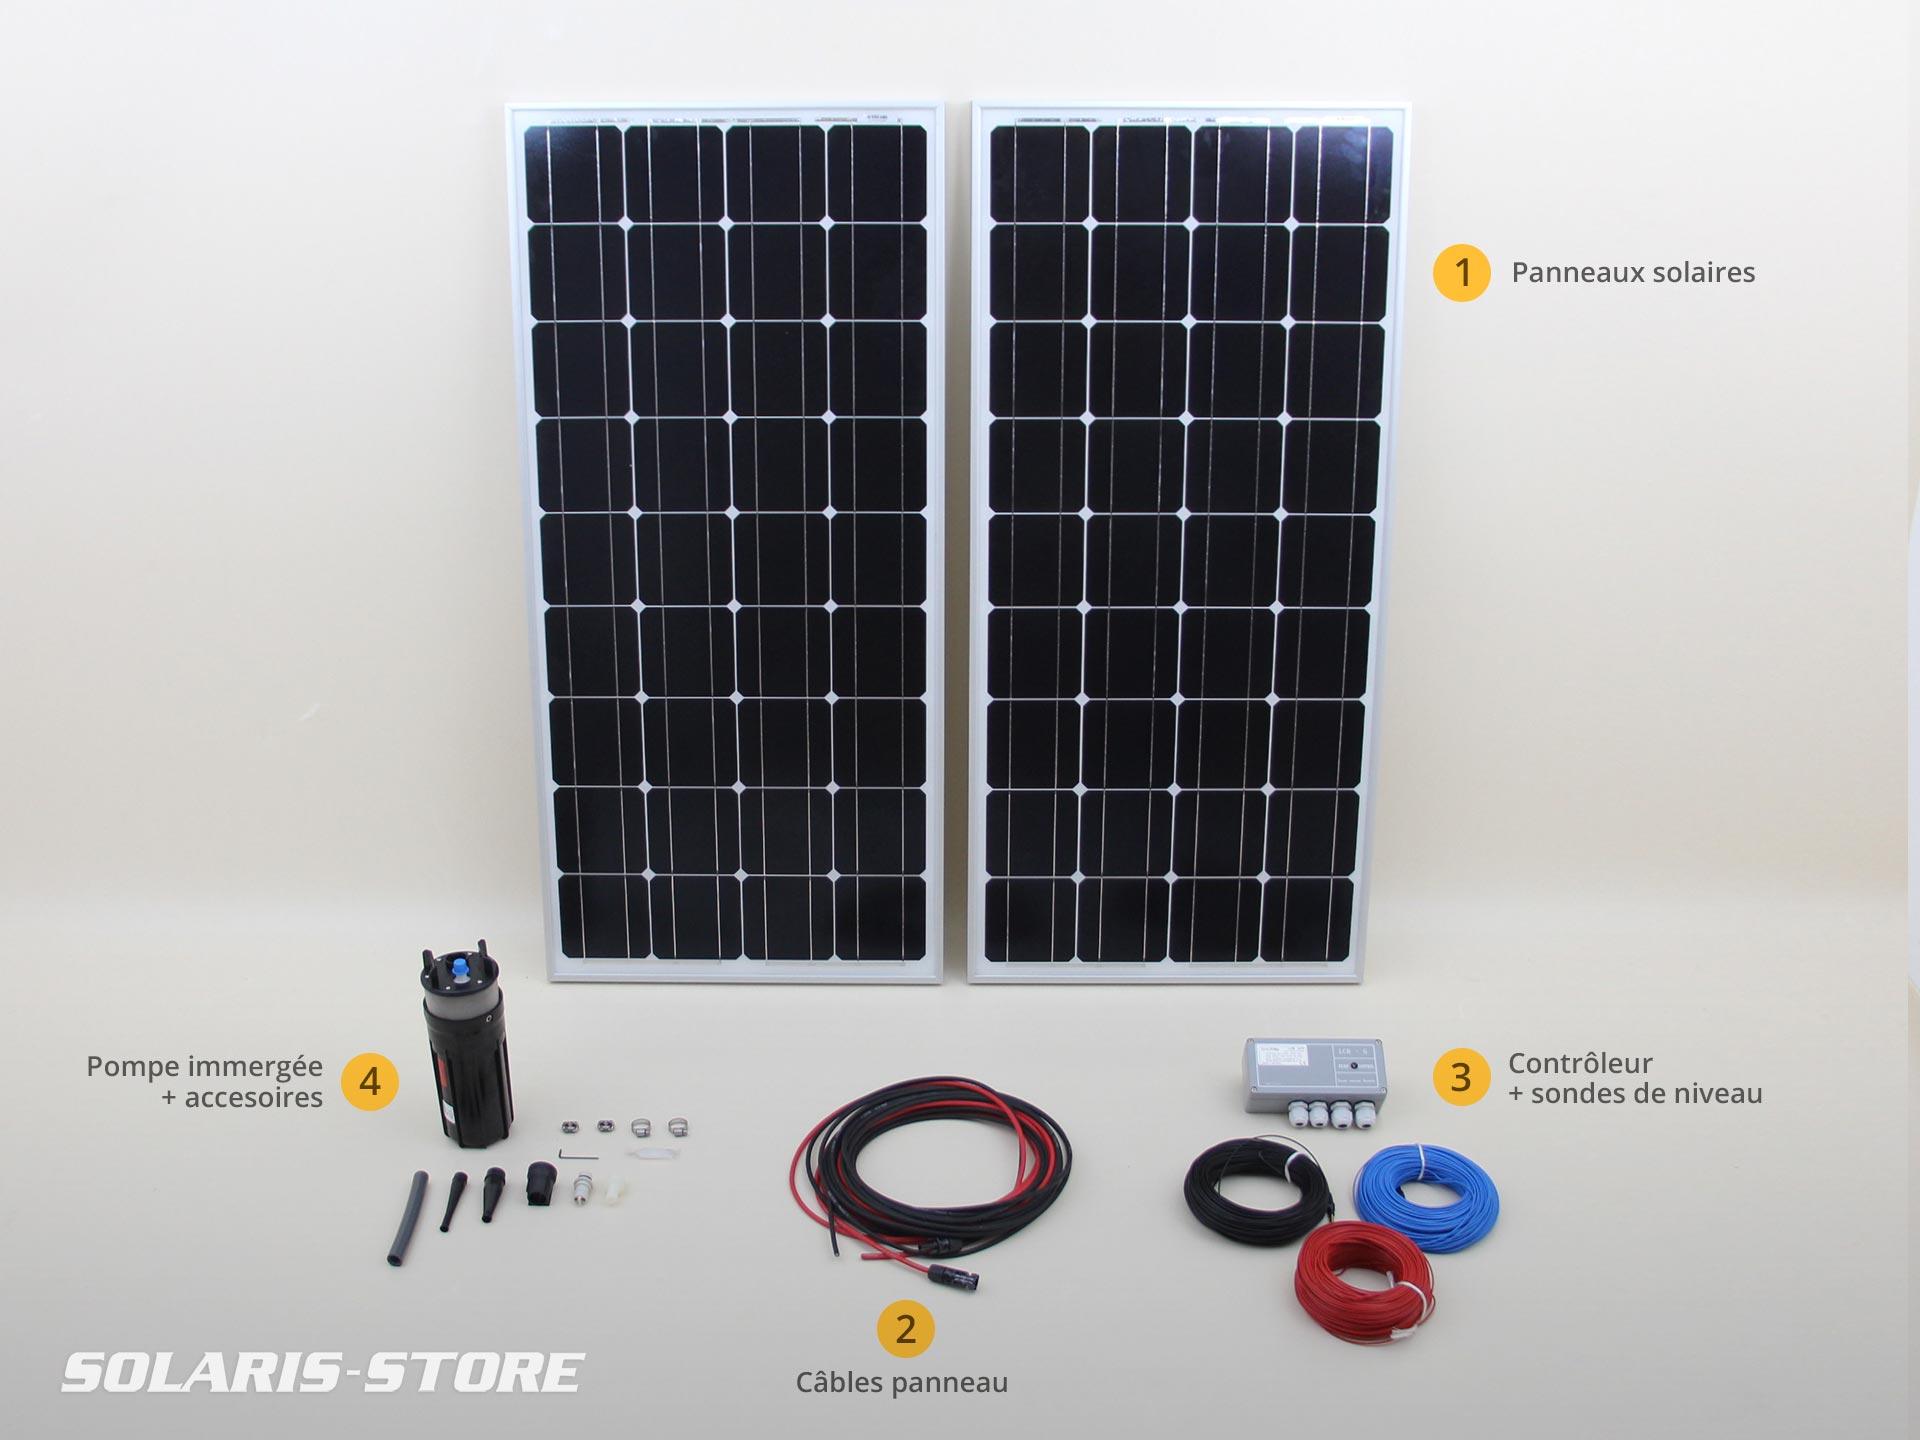 kit solaire de pompage immerg shurflo 70 m 200w 24v. Black Bedroom Furniture Sets. Home Design Ideas